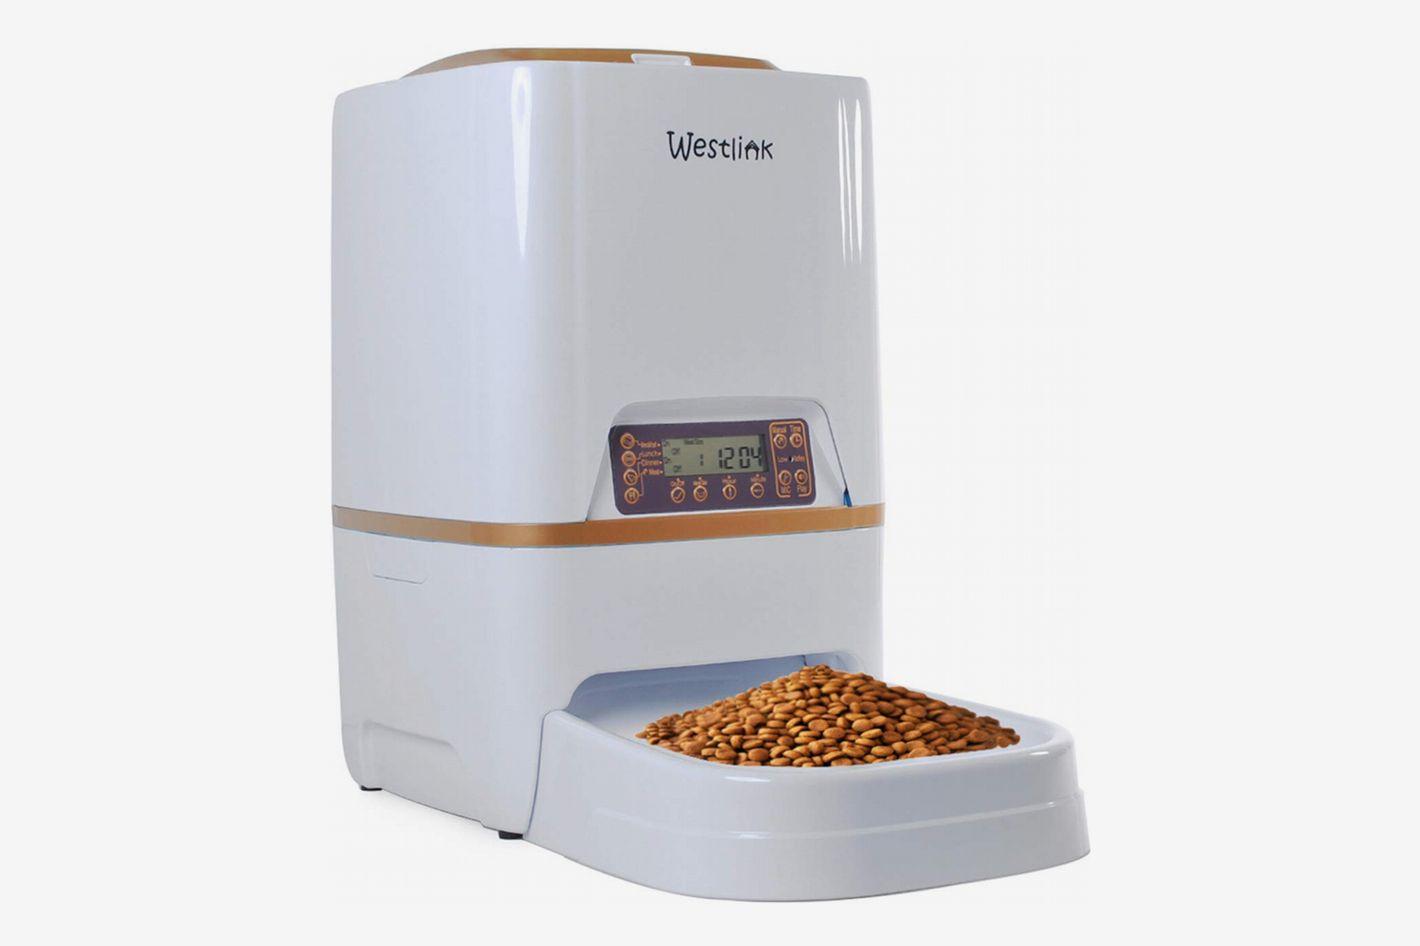 Westlink 6L Automatic Pet Feeder Food Dispenser